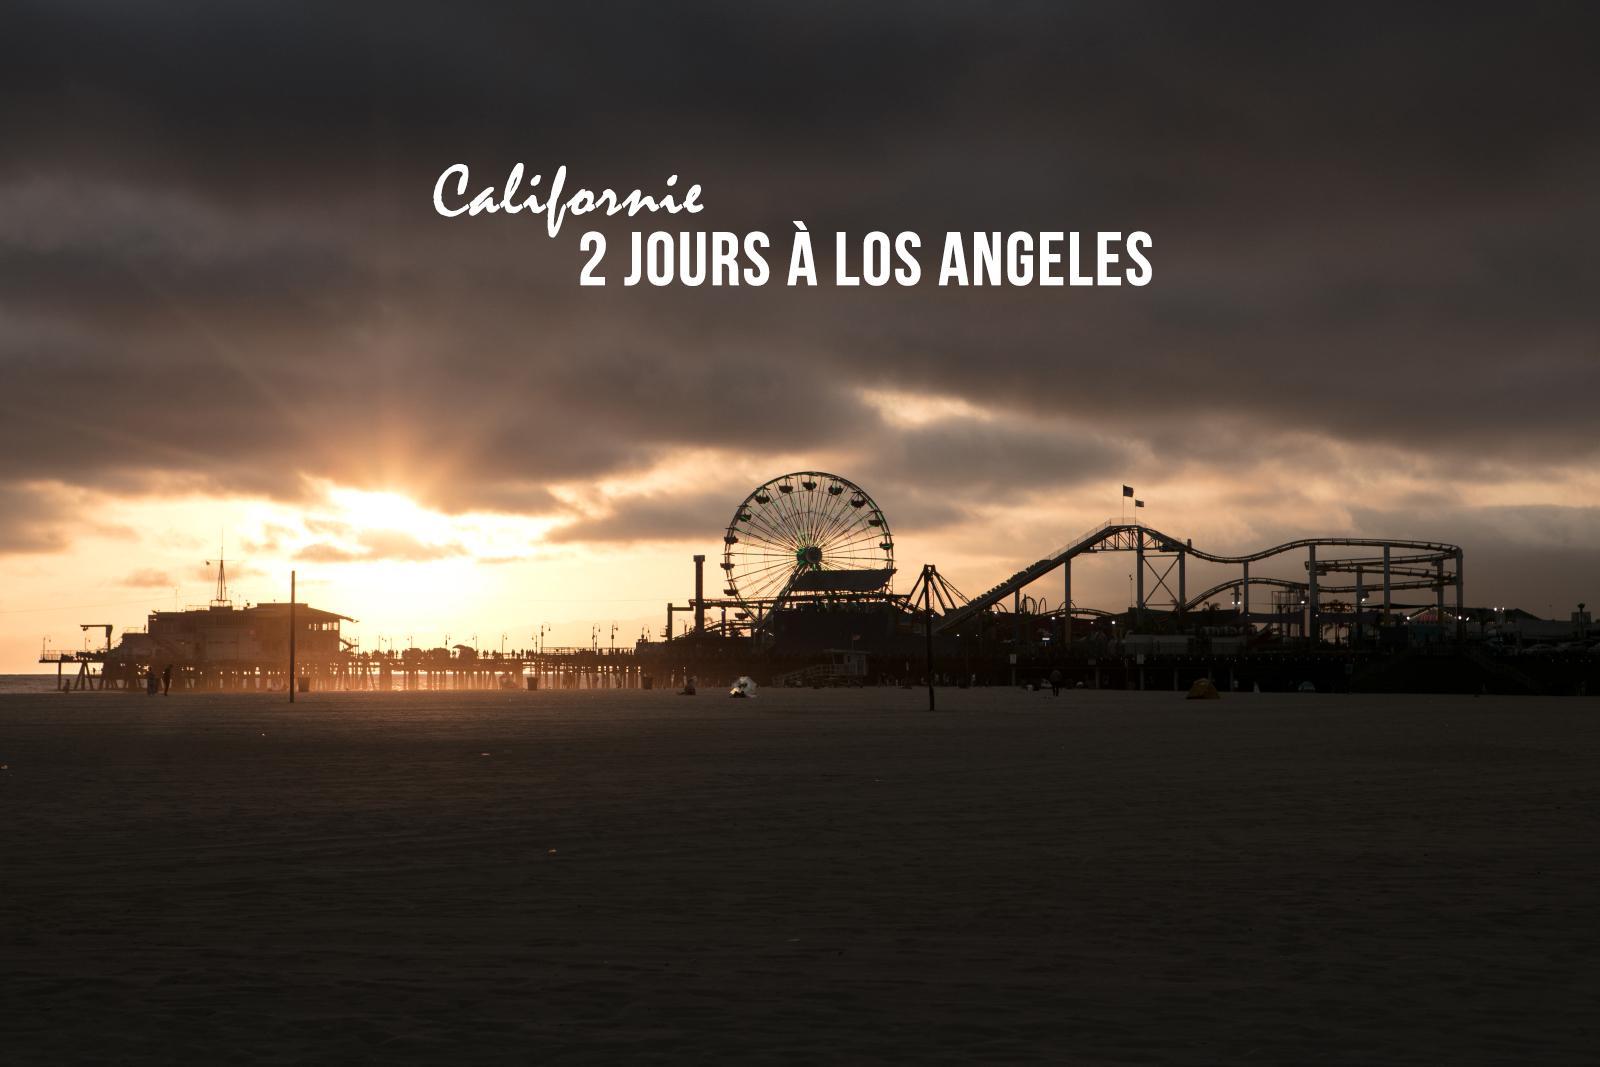 2 jours pour visiter Los Angeles : que voir et que faire à Los Angeles ?